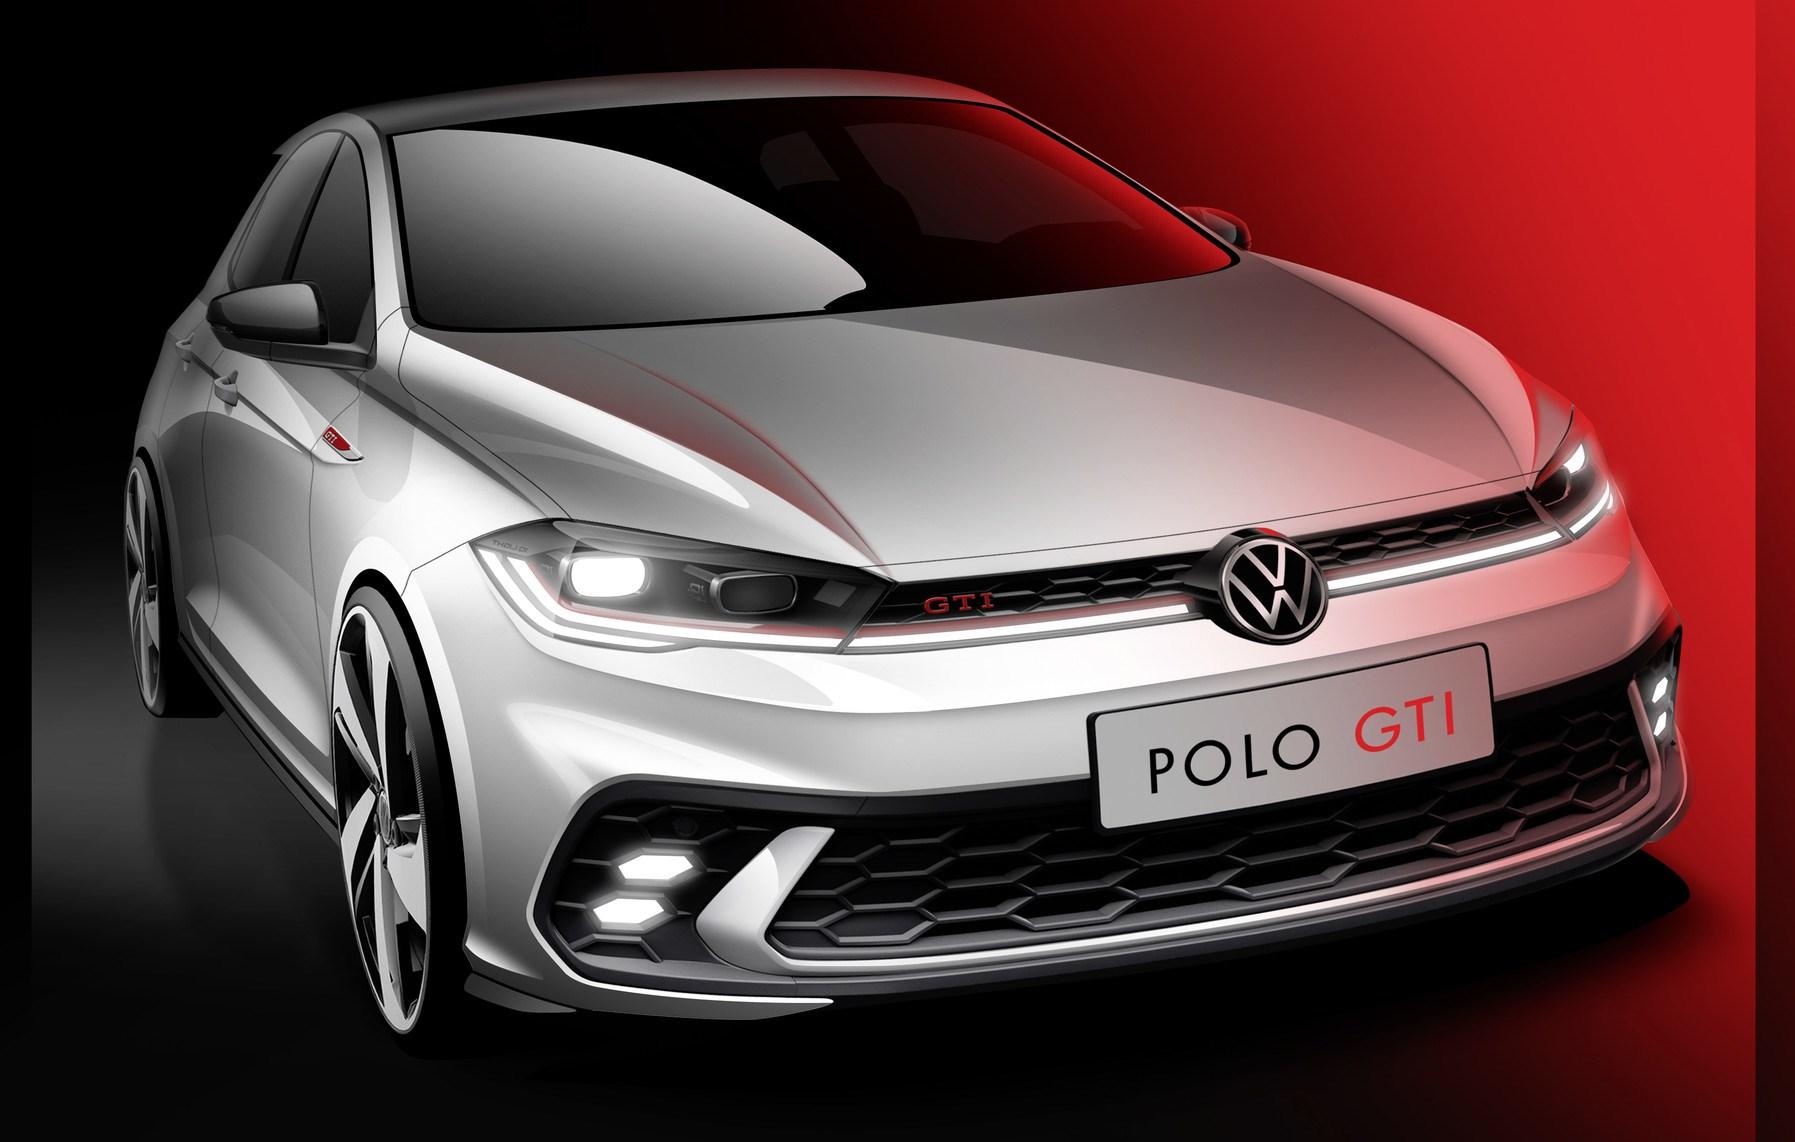 VW ポロ GTIのマイナーチェンジが迫る。新型ゴルフGTI似のルックスや先進装備に期待がかかる